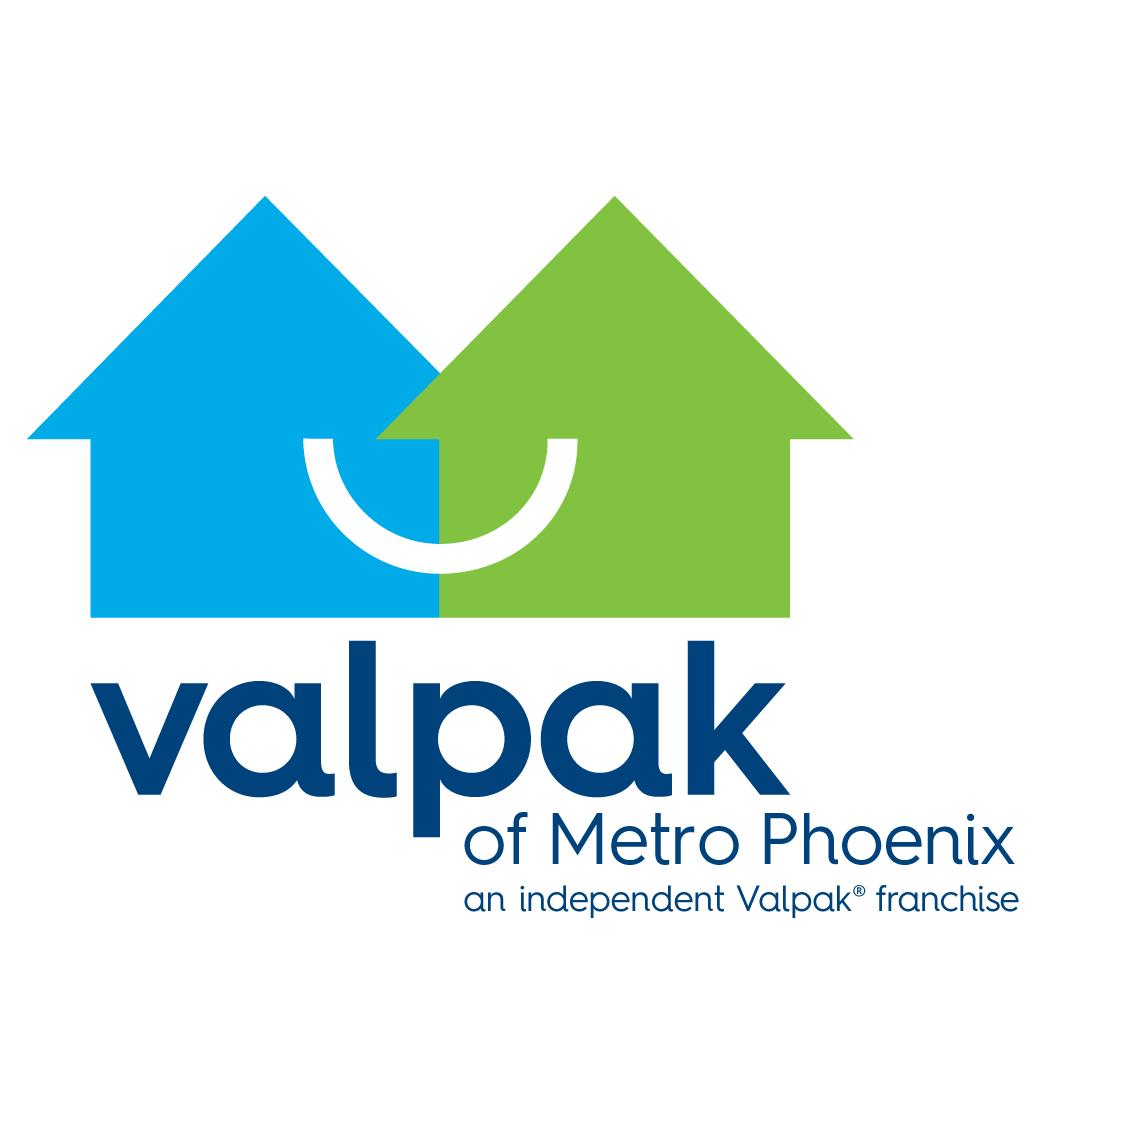 Valpak of Metro Phoenix